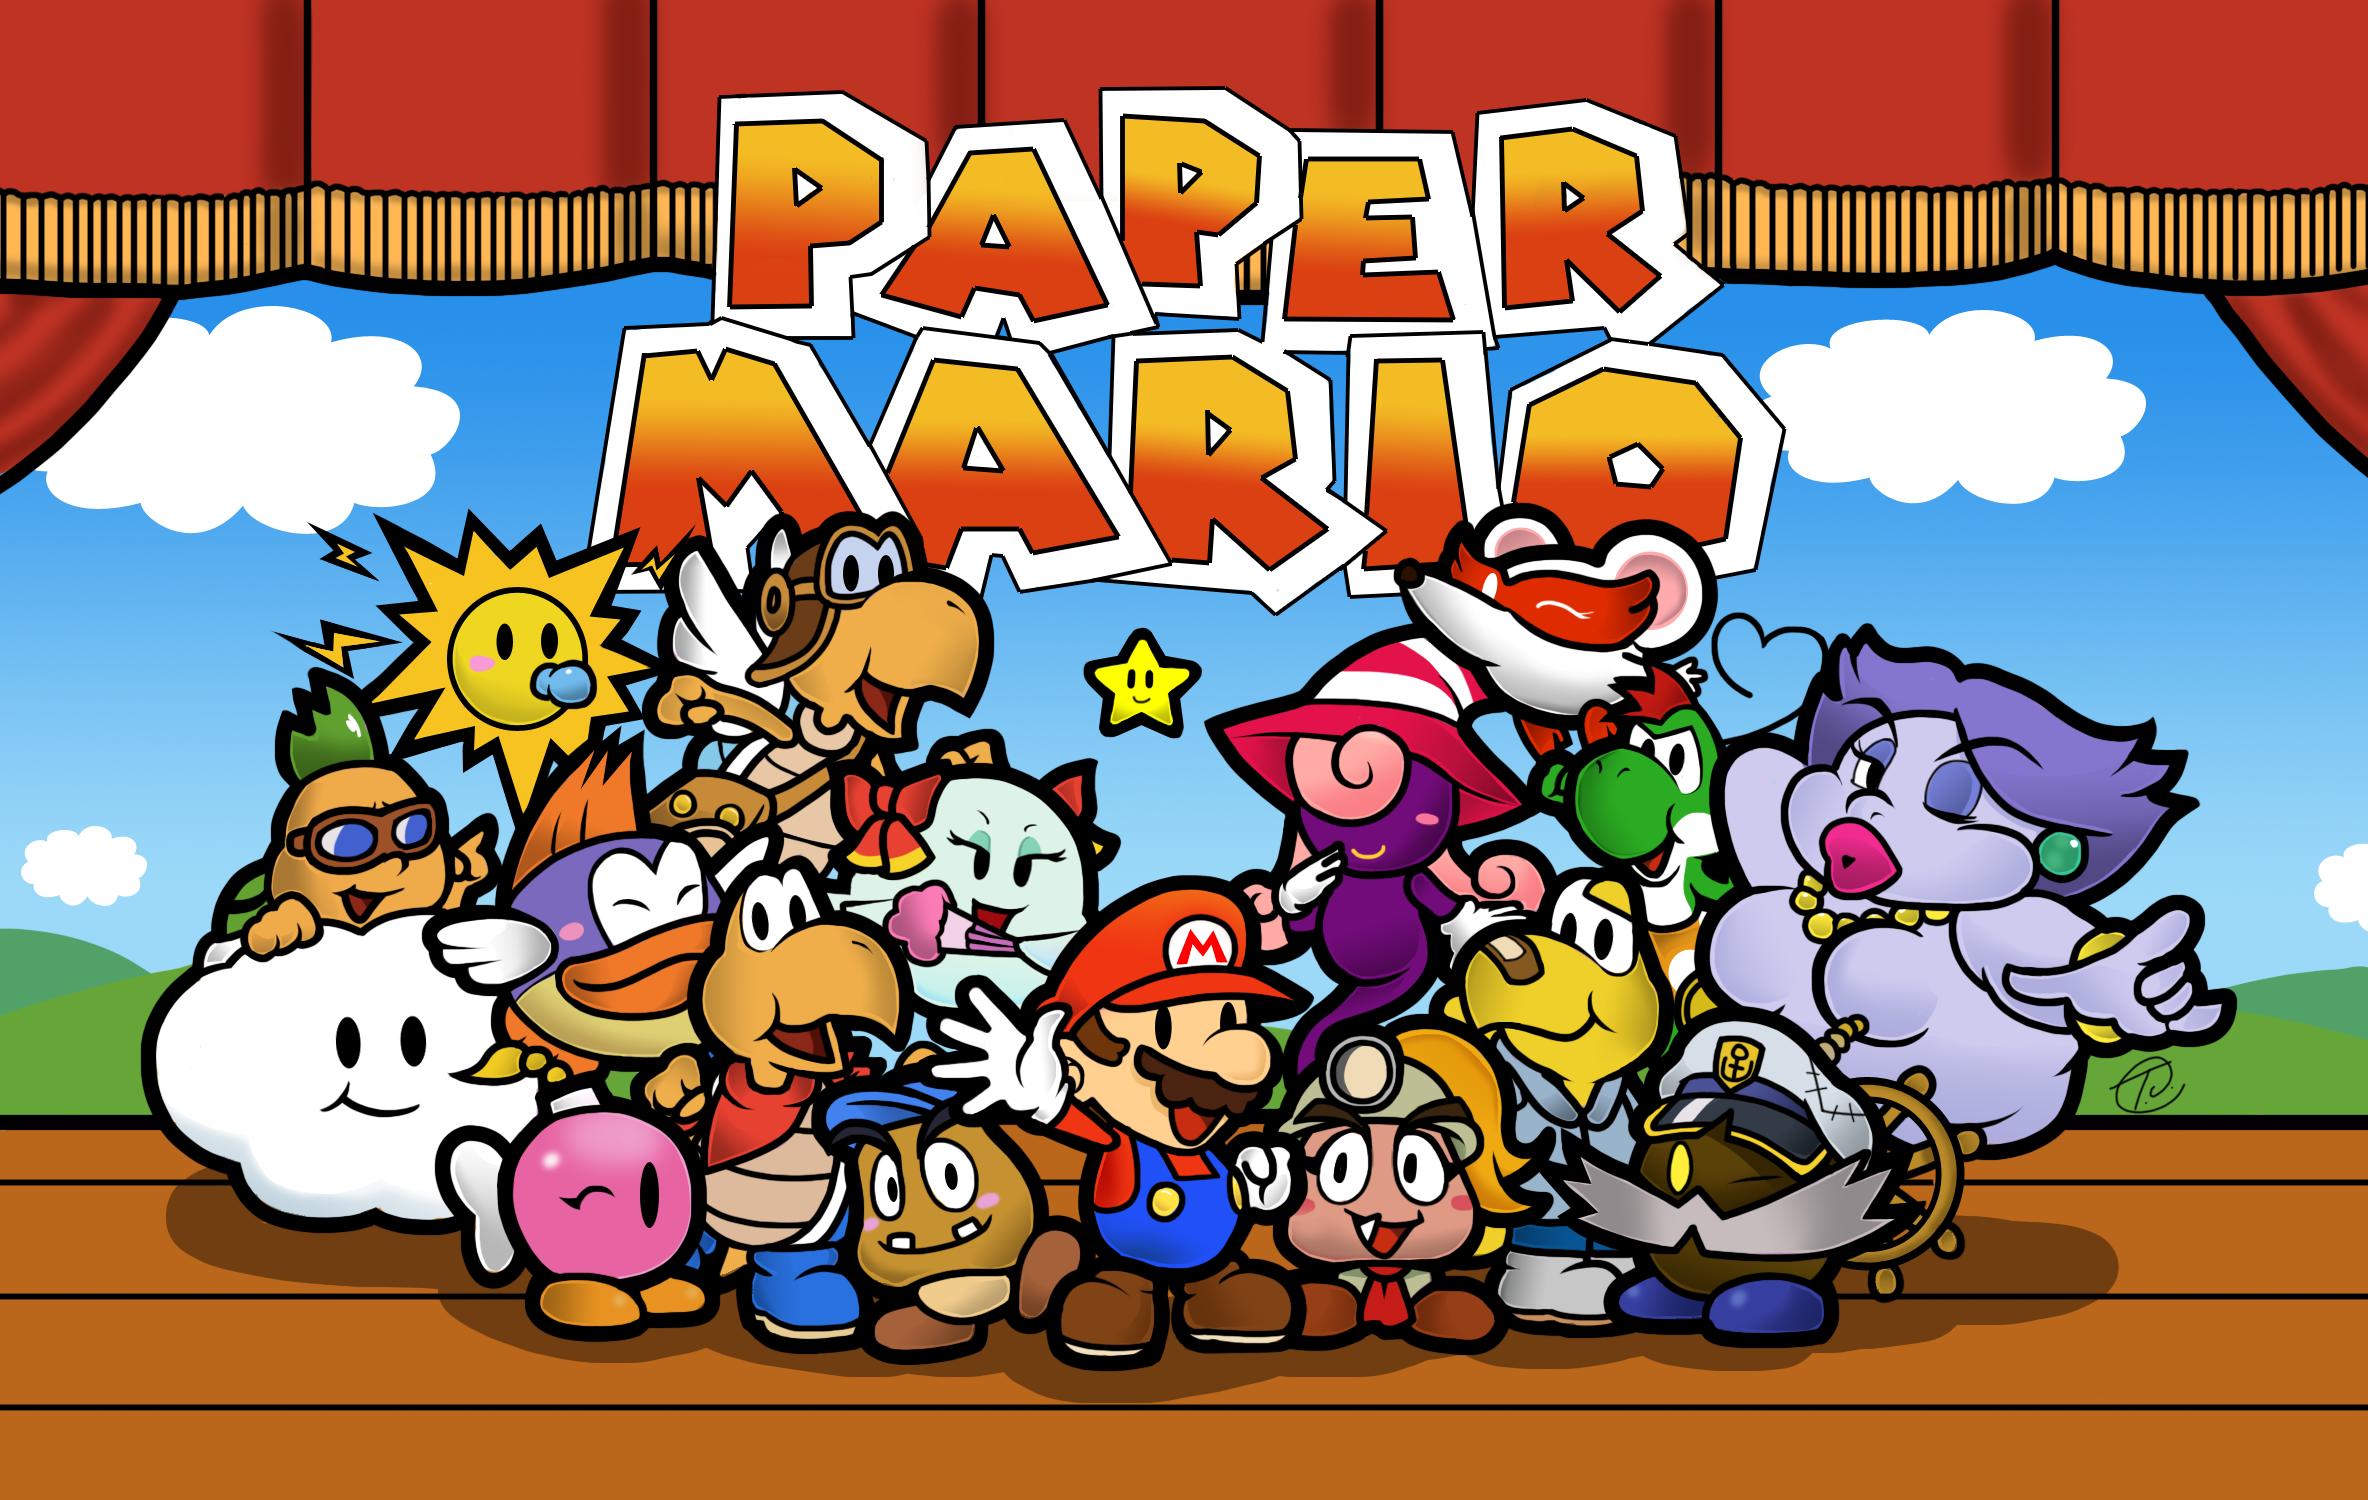 Paper Mario La Puerta Milenaria En Ingles Paper Mario The Thousand Year Door Es La Continuacion Y La Secuela De Paper Mario De Paper Mario Mario Mario Art